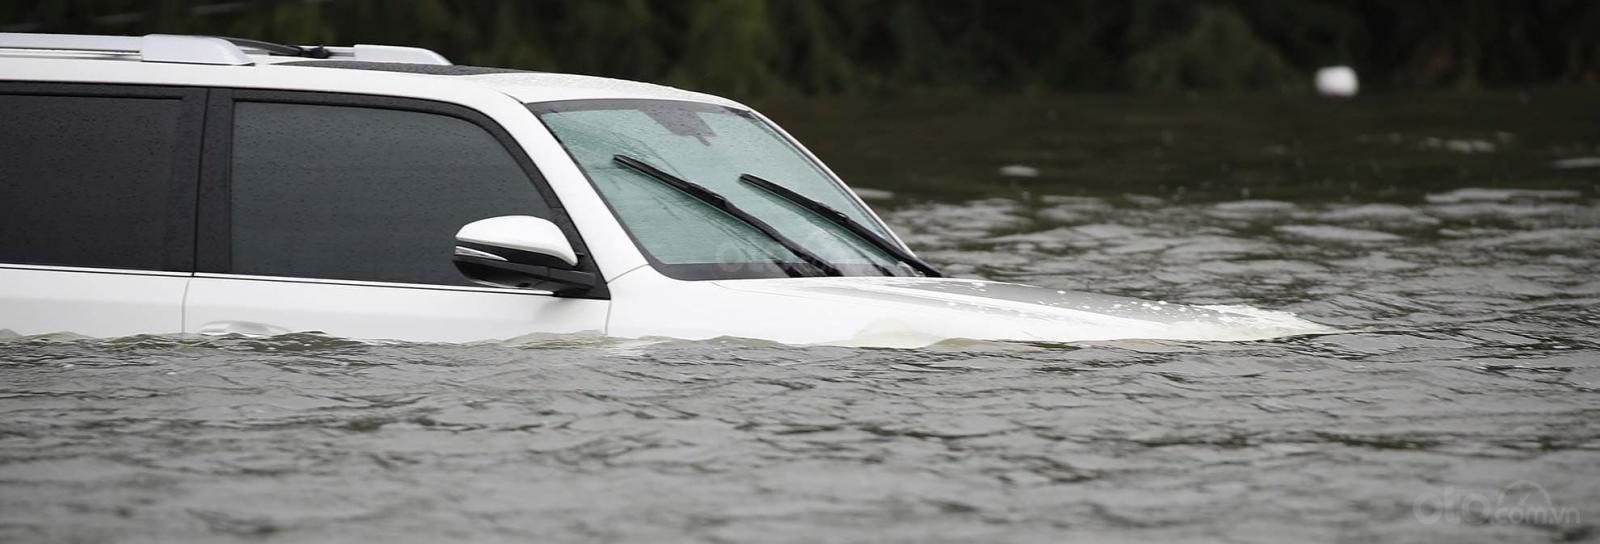 10 điều nên tuân thủ khi ô tô bị ngập nước - Đánh giá độ ngập